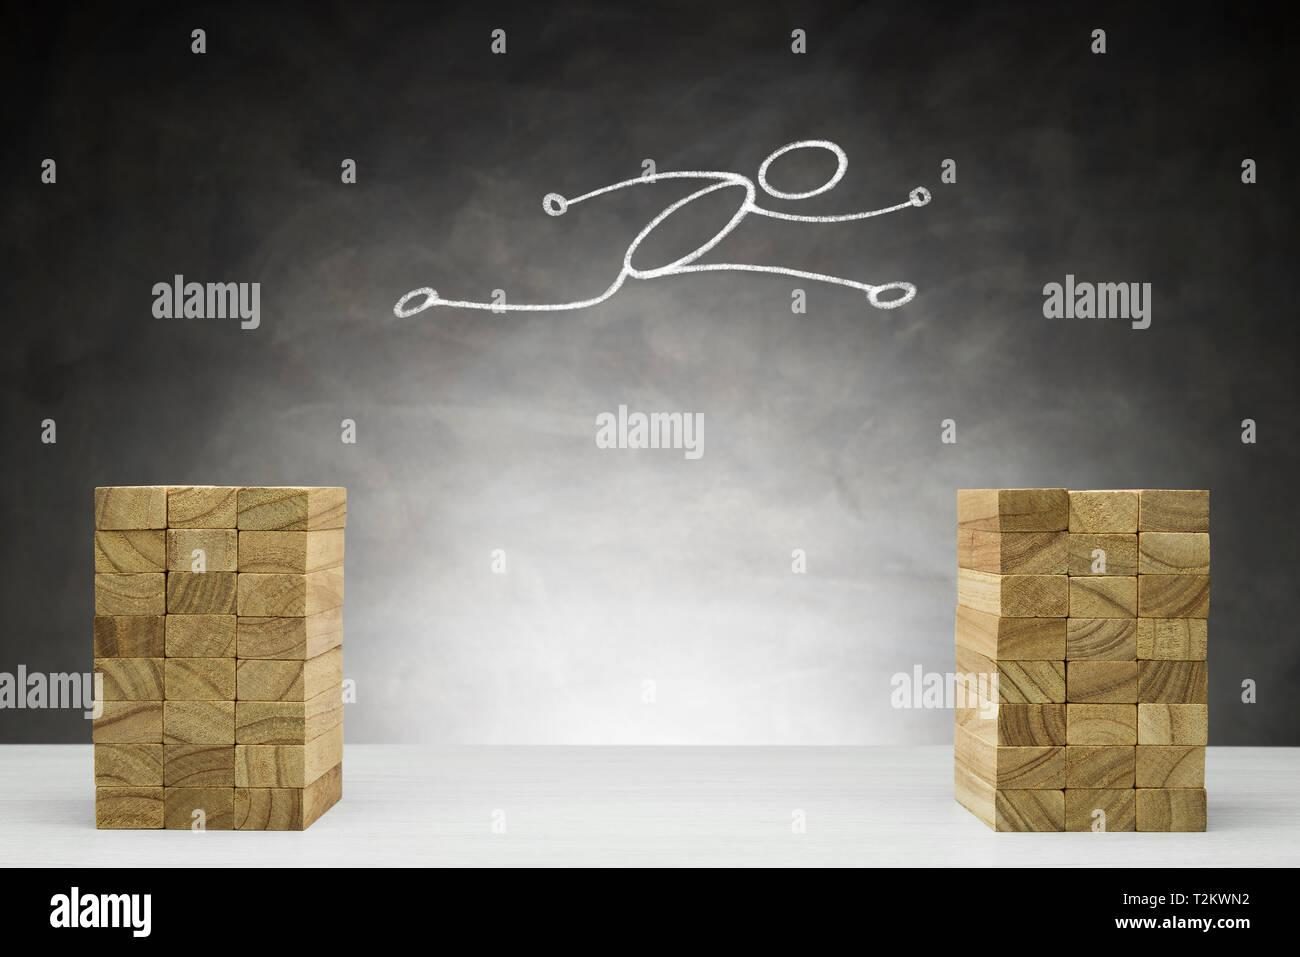 Aumento y mejora el concepto. Forma humana salta entre los dos bloques. Foto de stock